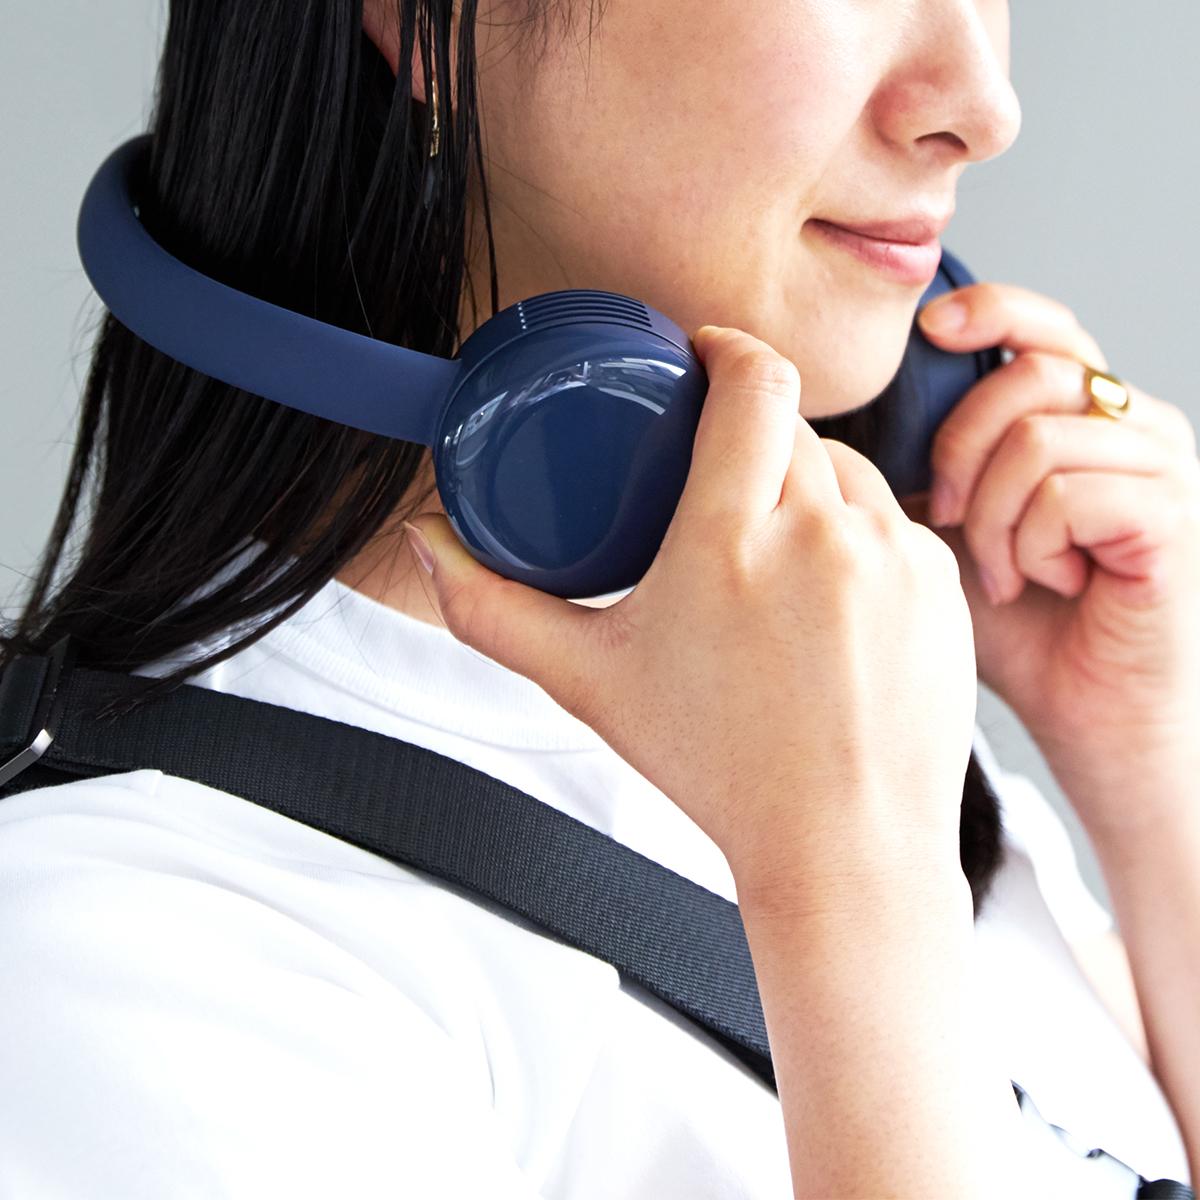 ネックバンドの幅も調節できるから、男性も女性も、首にちょうどよくフィット。手ぶらで、心地よい風を浴びながら、通勤や買物に行ける「羽根なし扇風機」|FLEX